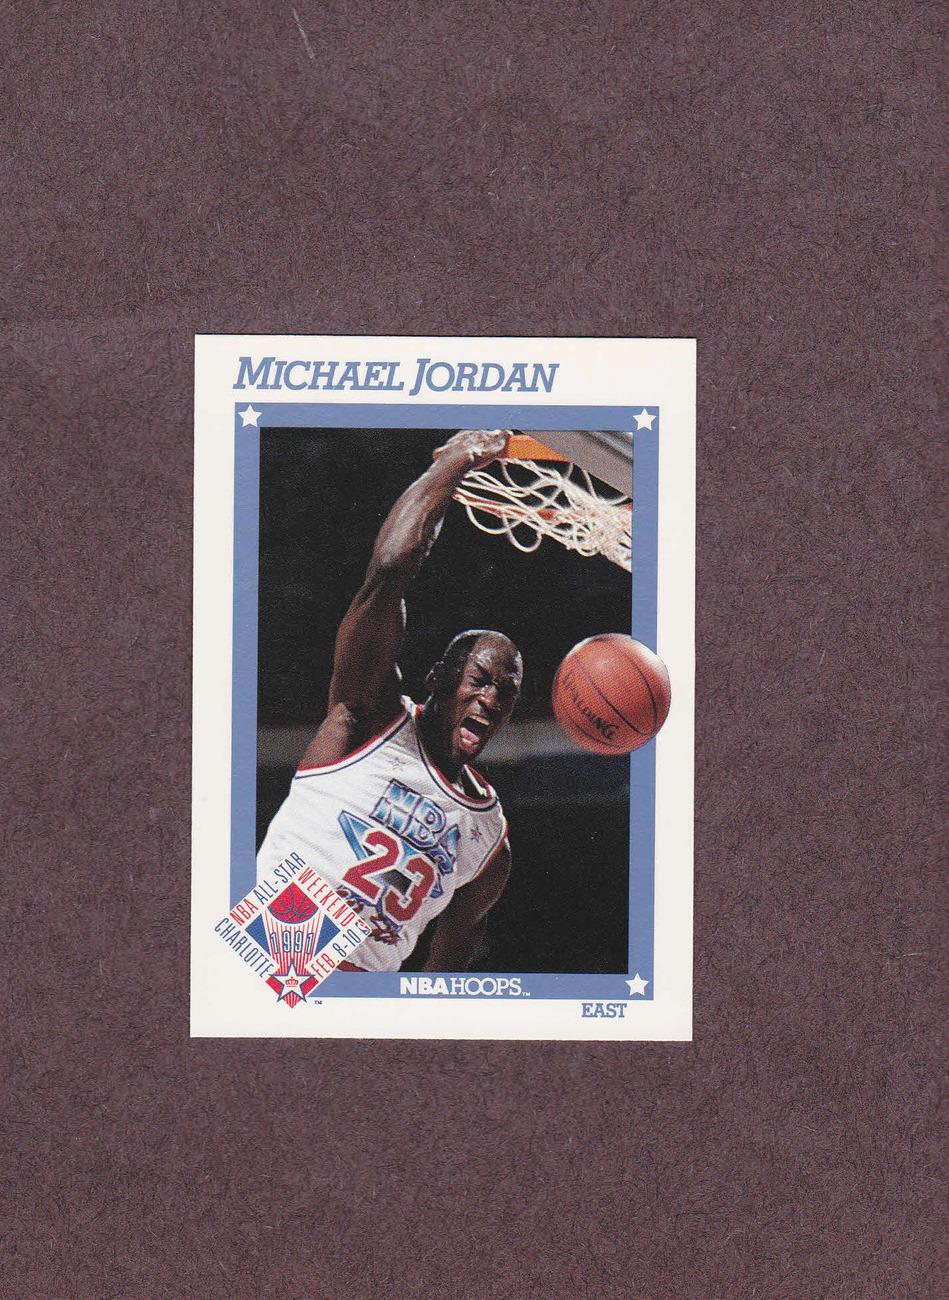 1991-92 Hoops # 253 Michael Jordan Chicago Bulls NM